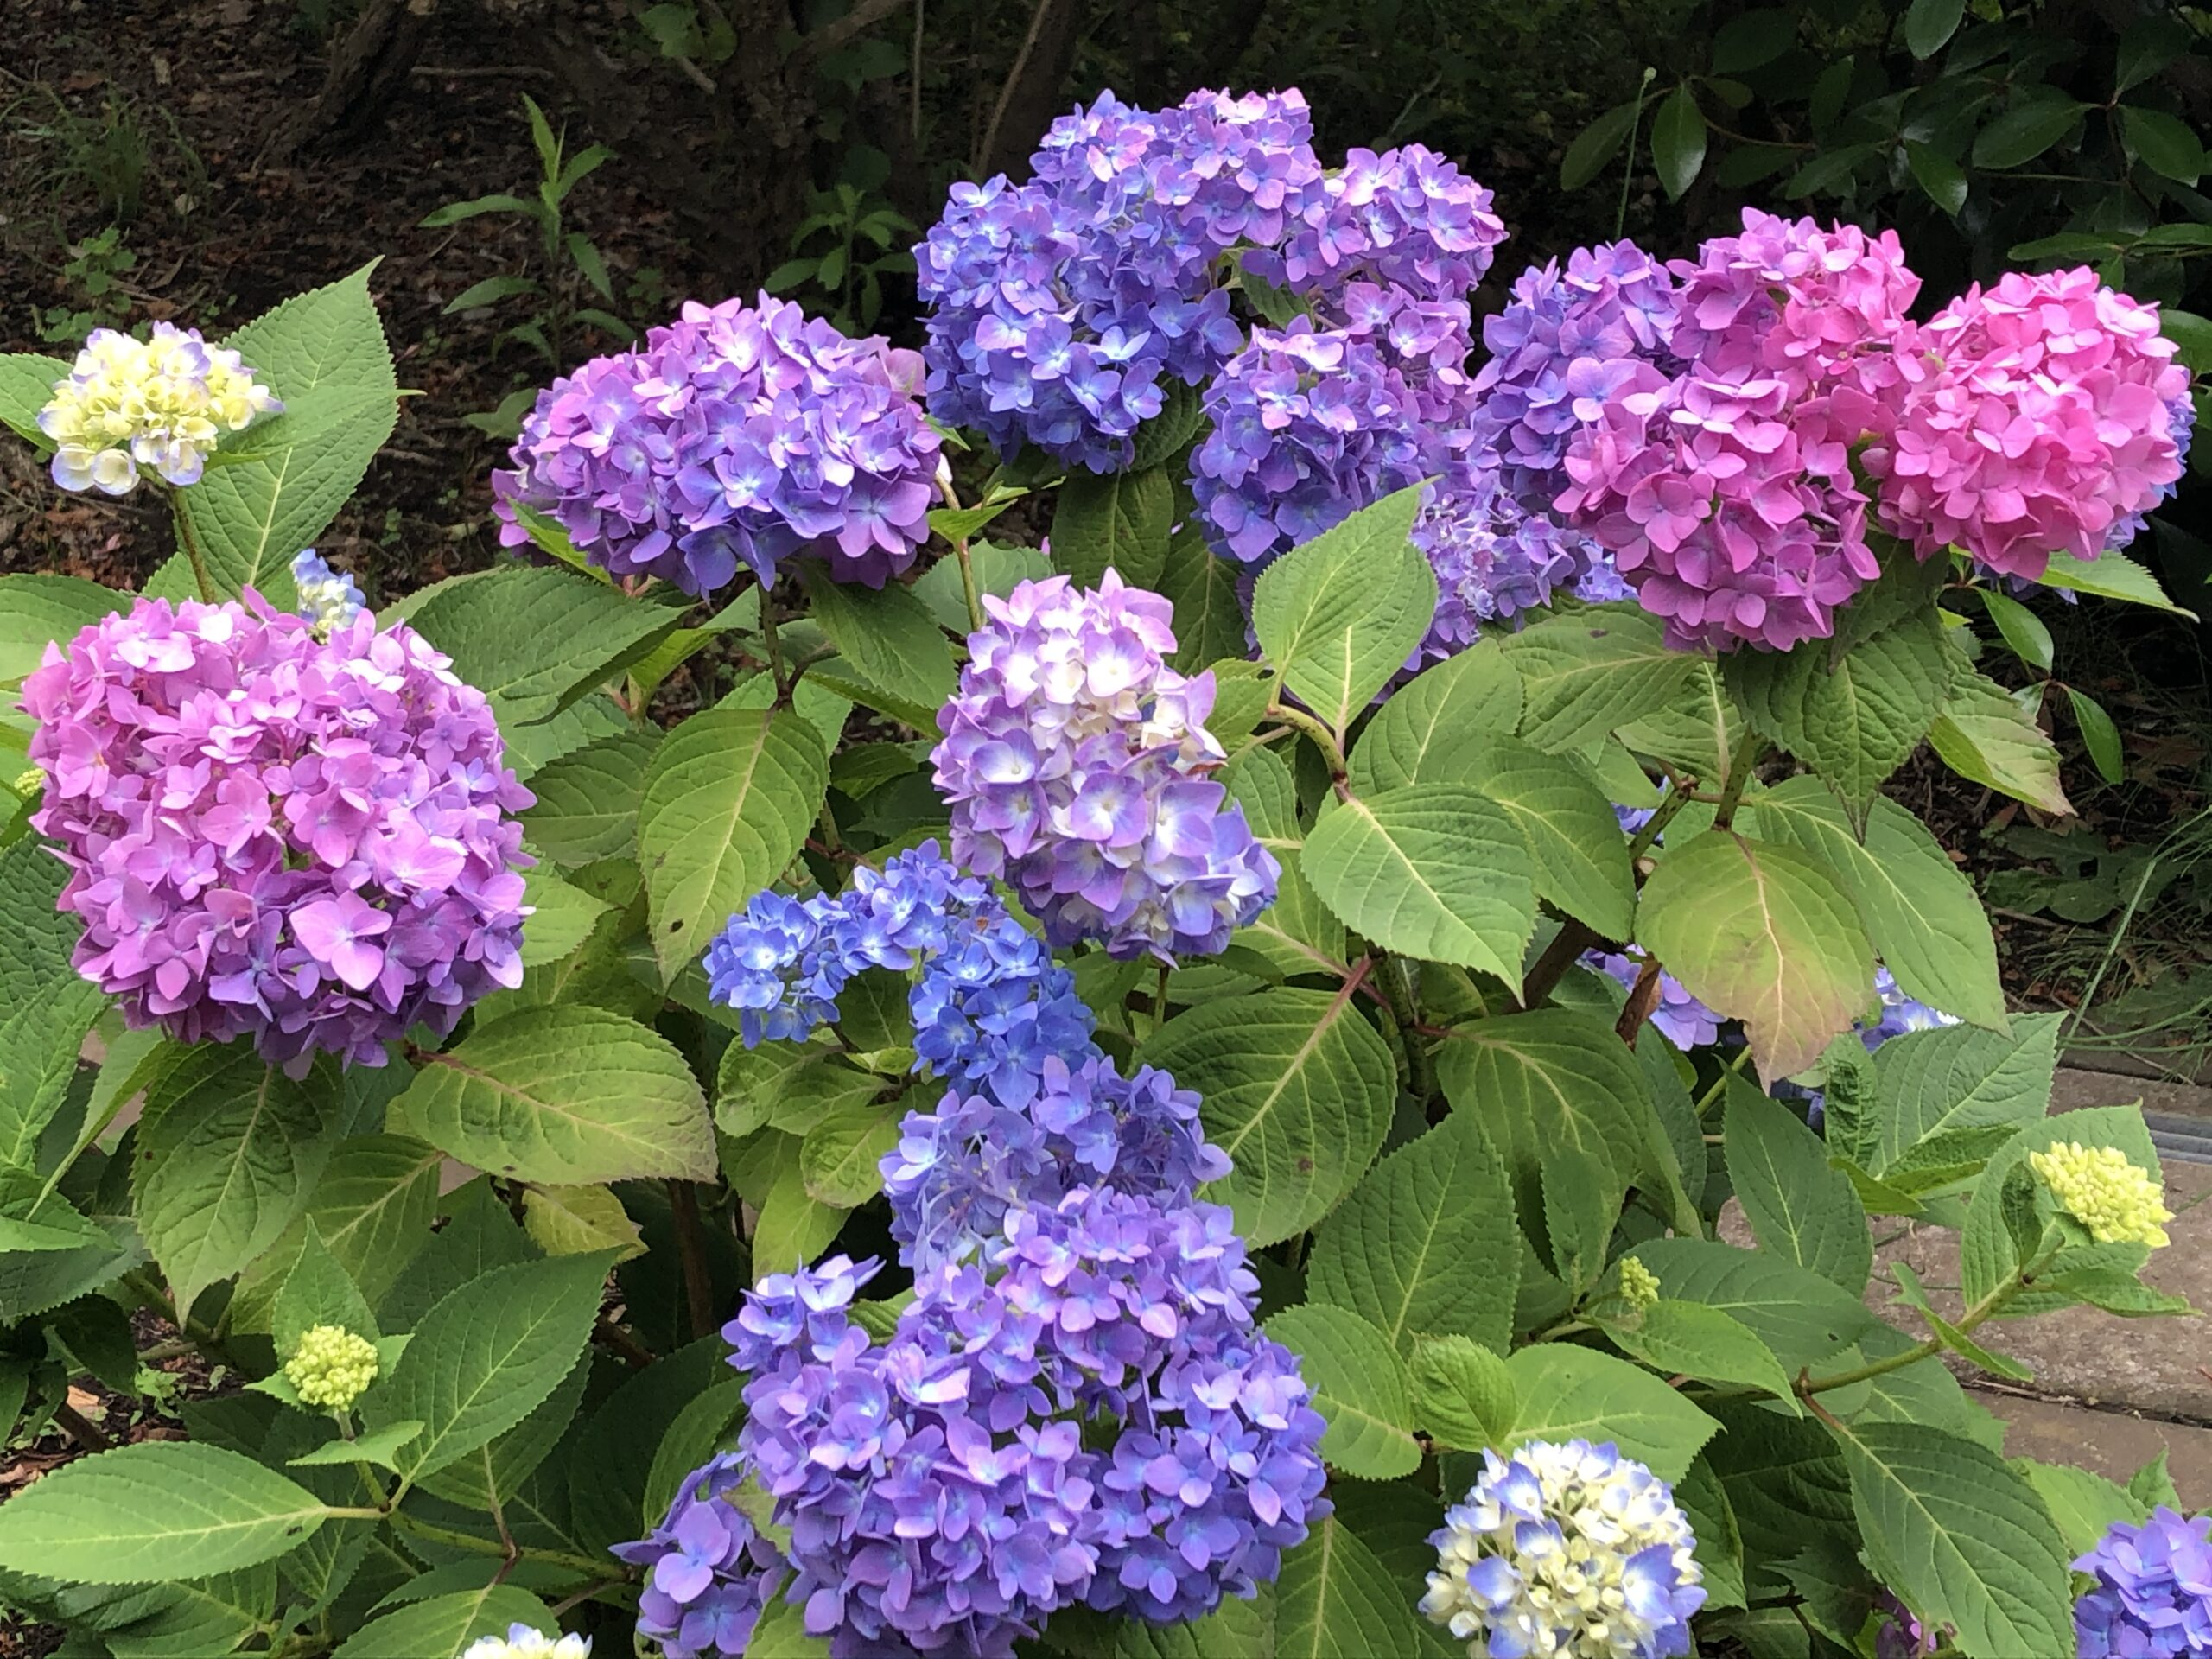 紫陽花のグラデーションが綺麗〜!の投稿写真